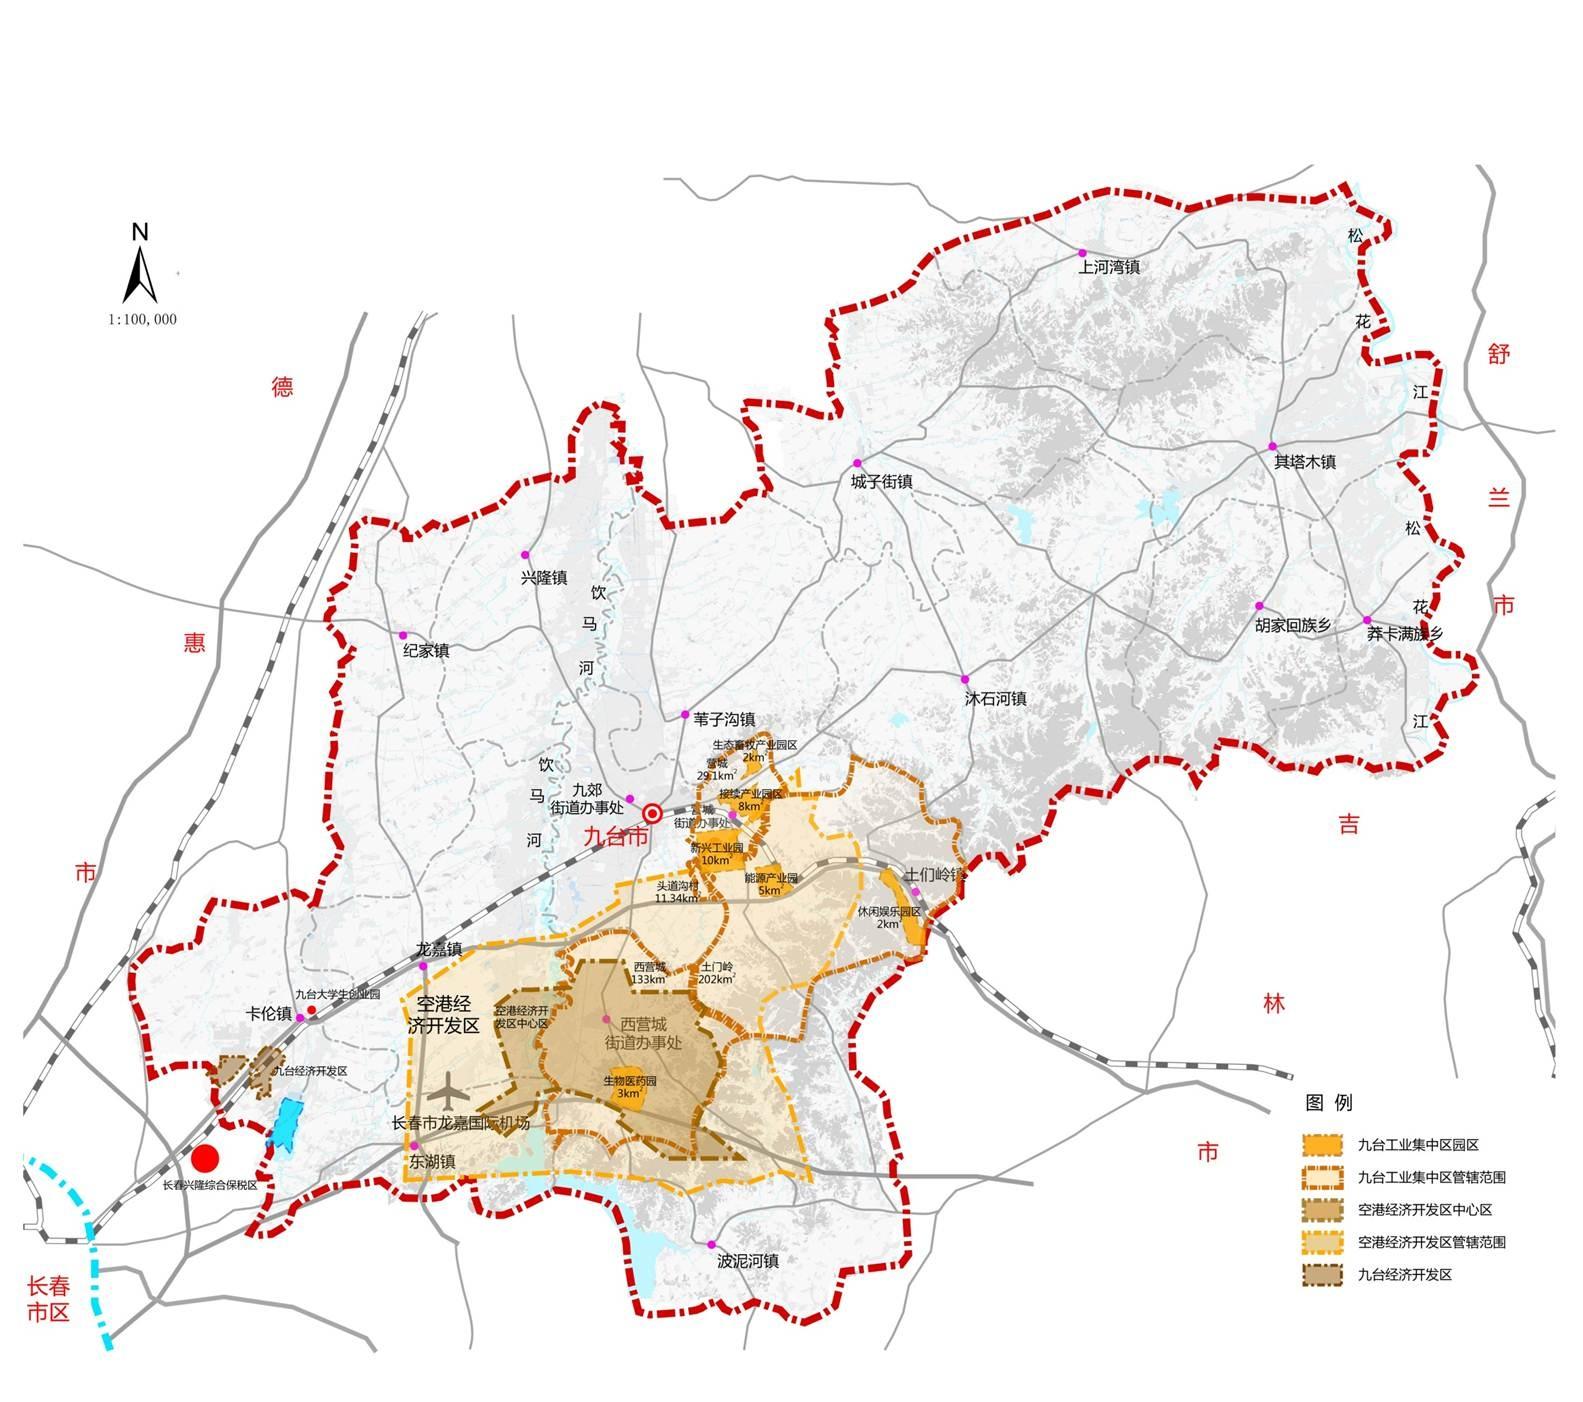 长春市产业区攻略规划及九台定位规划中卫市中心住宿城市图片